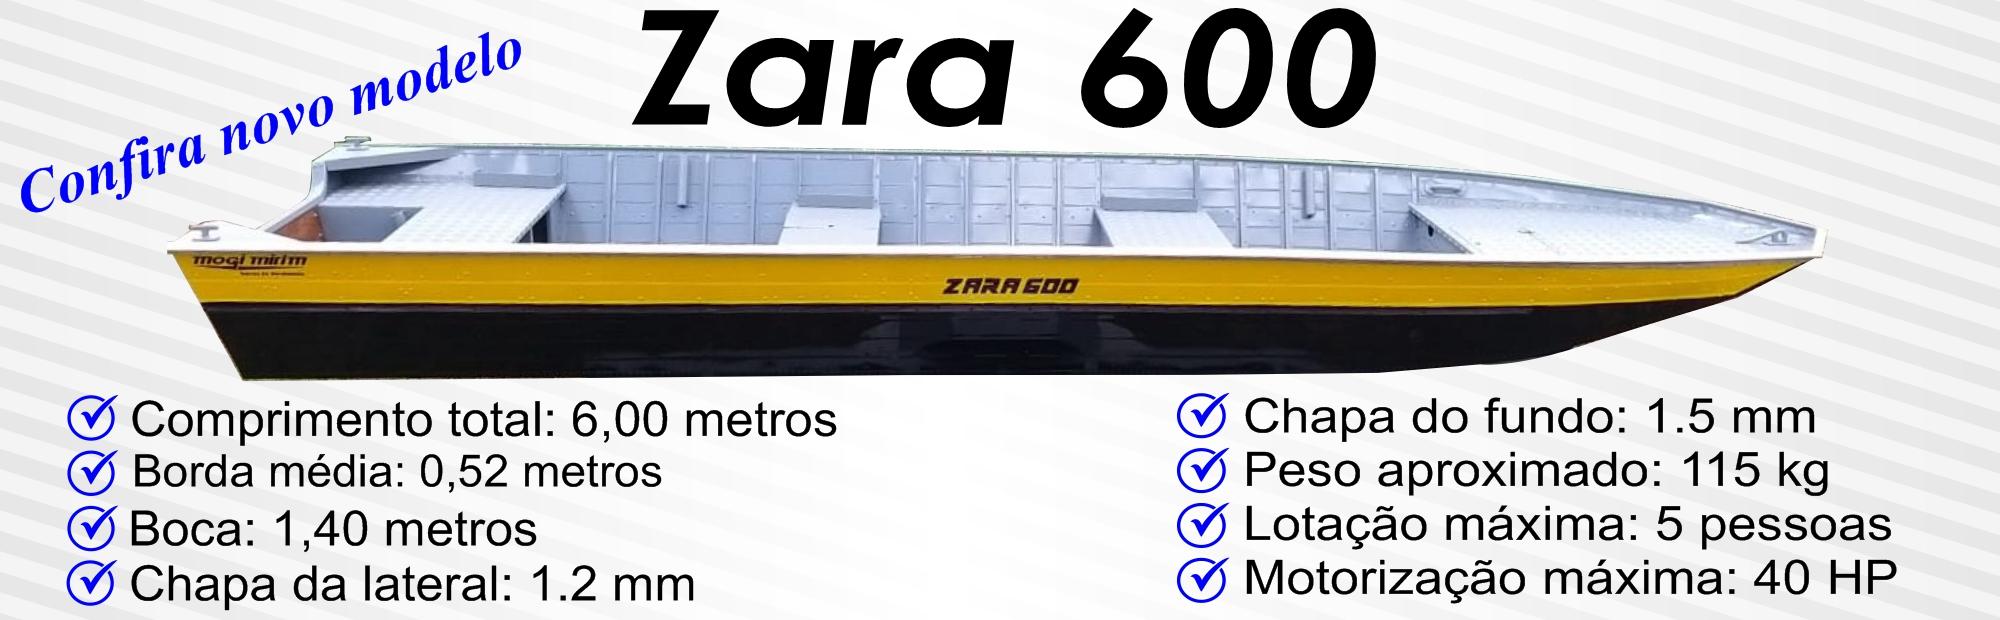 Zara 600